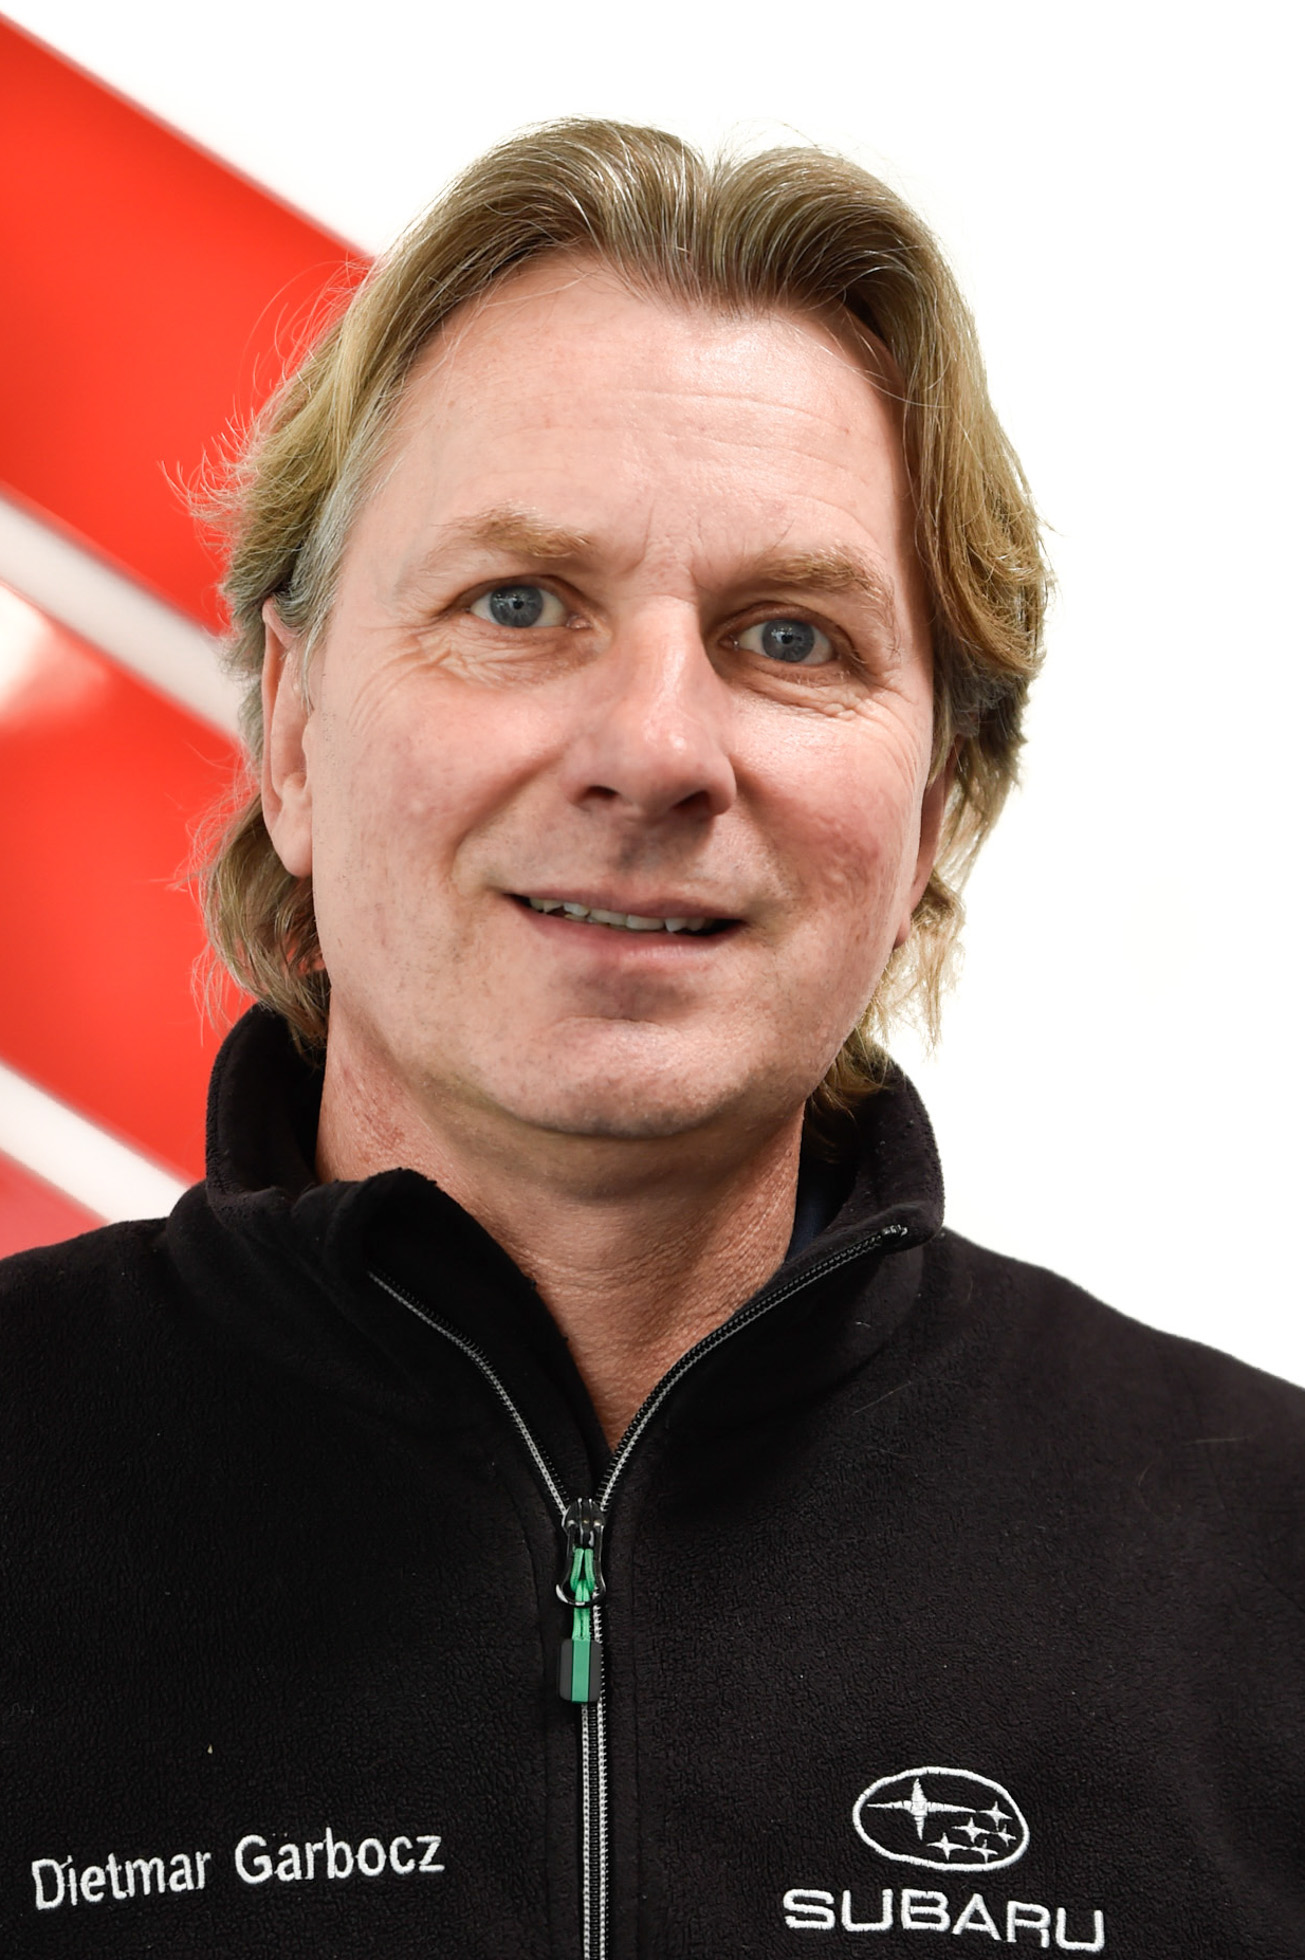 Dietmar Garbocz